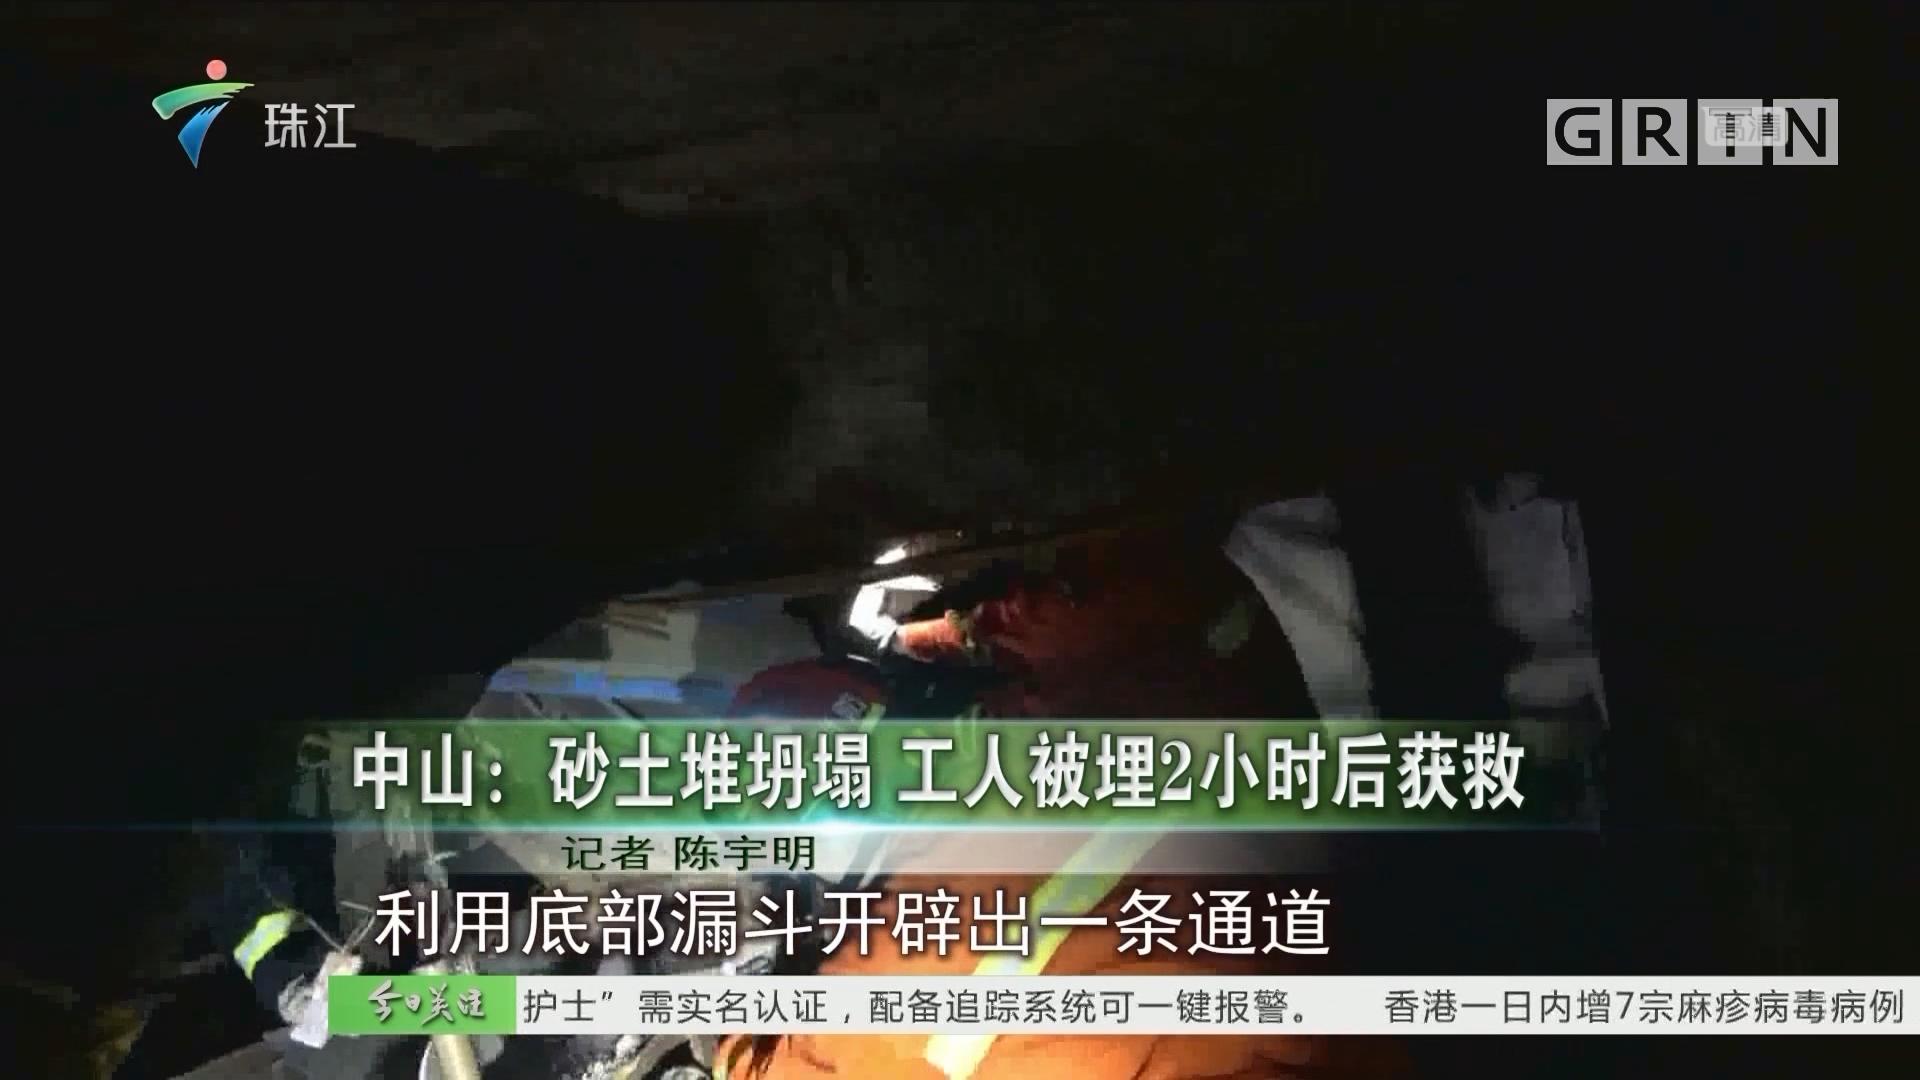 中山:砂土堆坍塌 工人被埋2小时后获救